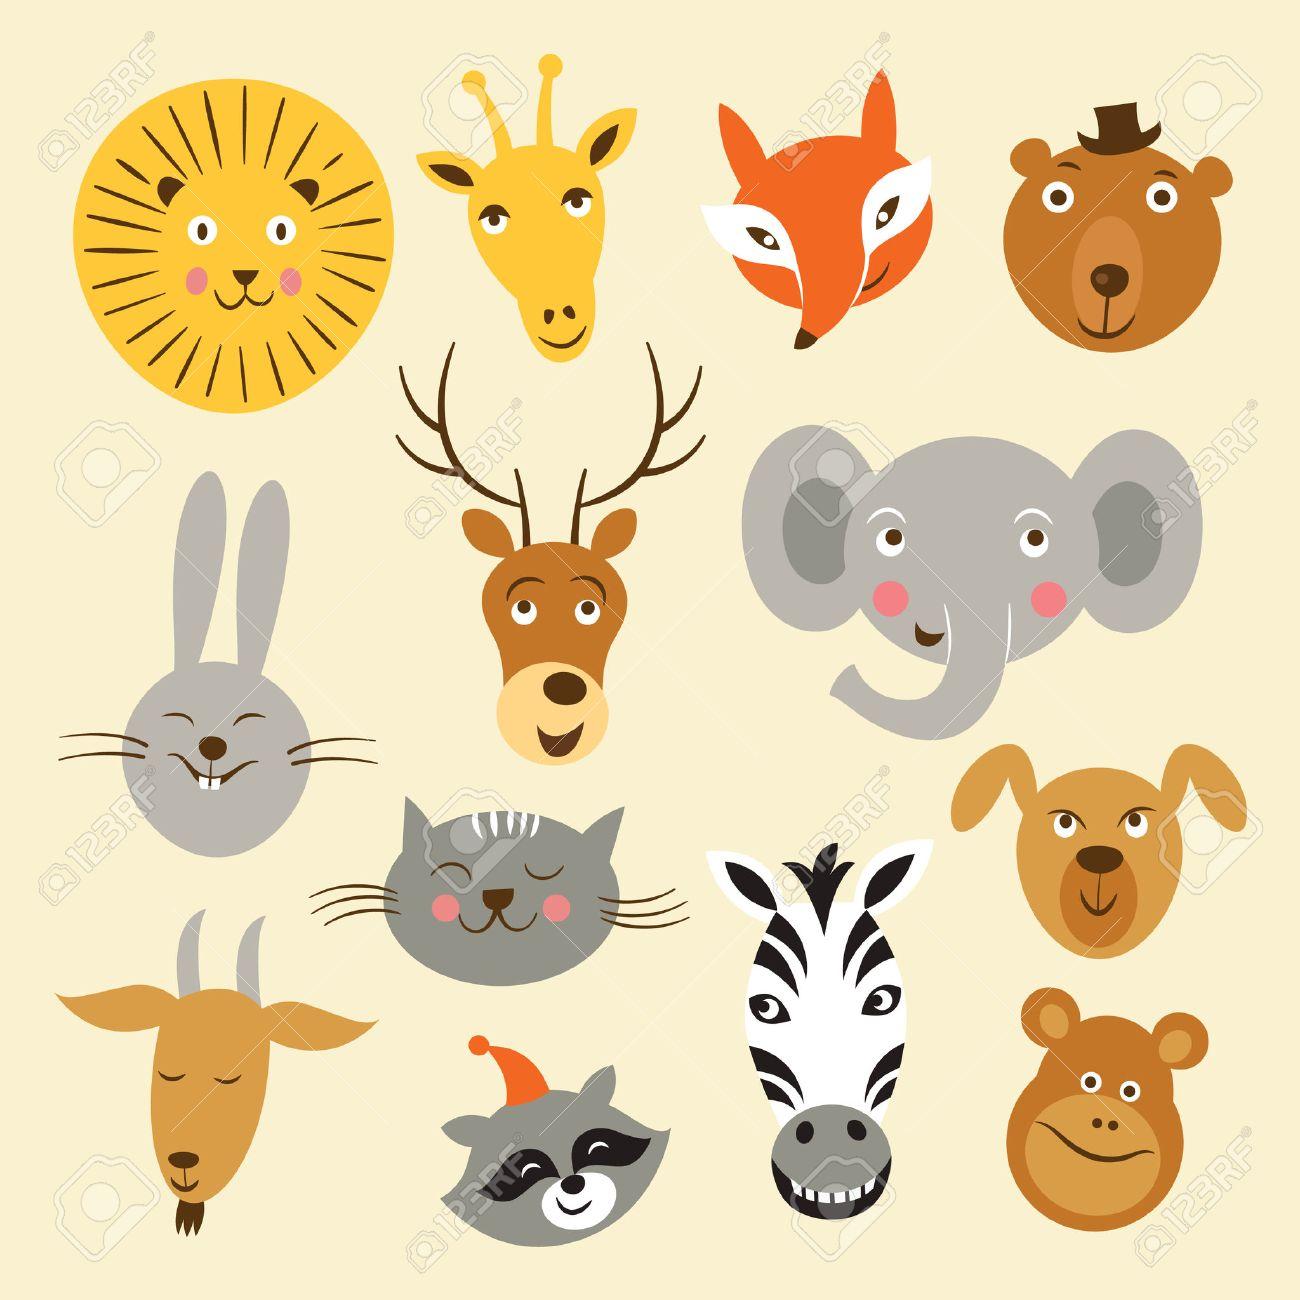 動物の顔のベクトル イラスト ロイヤリティフリークリップアート